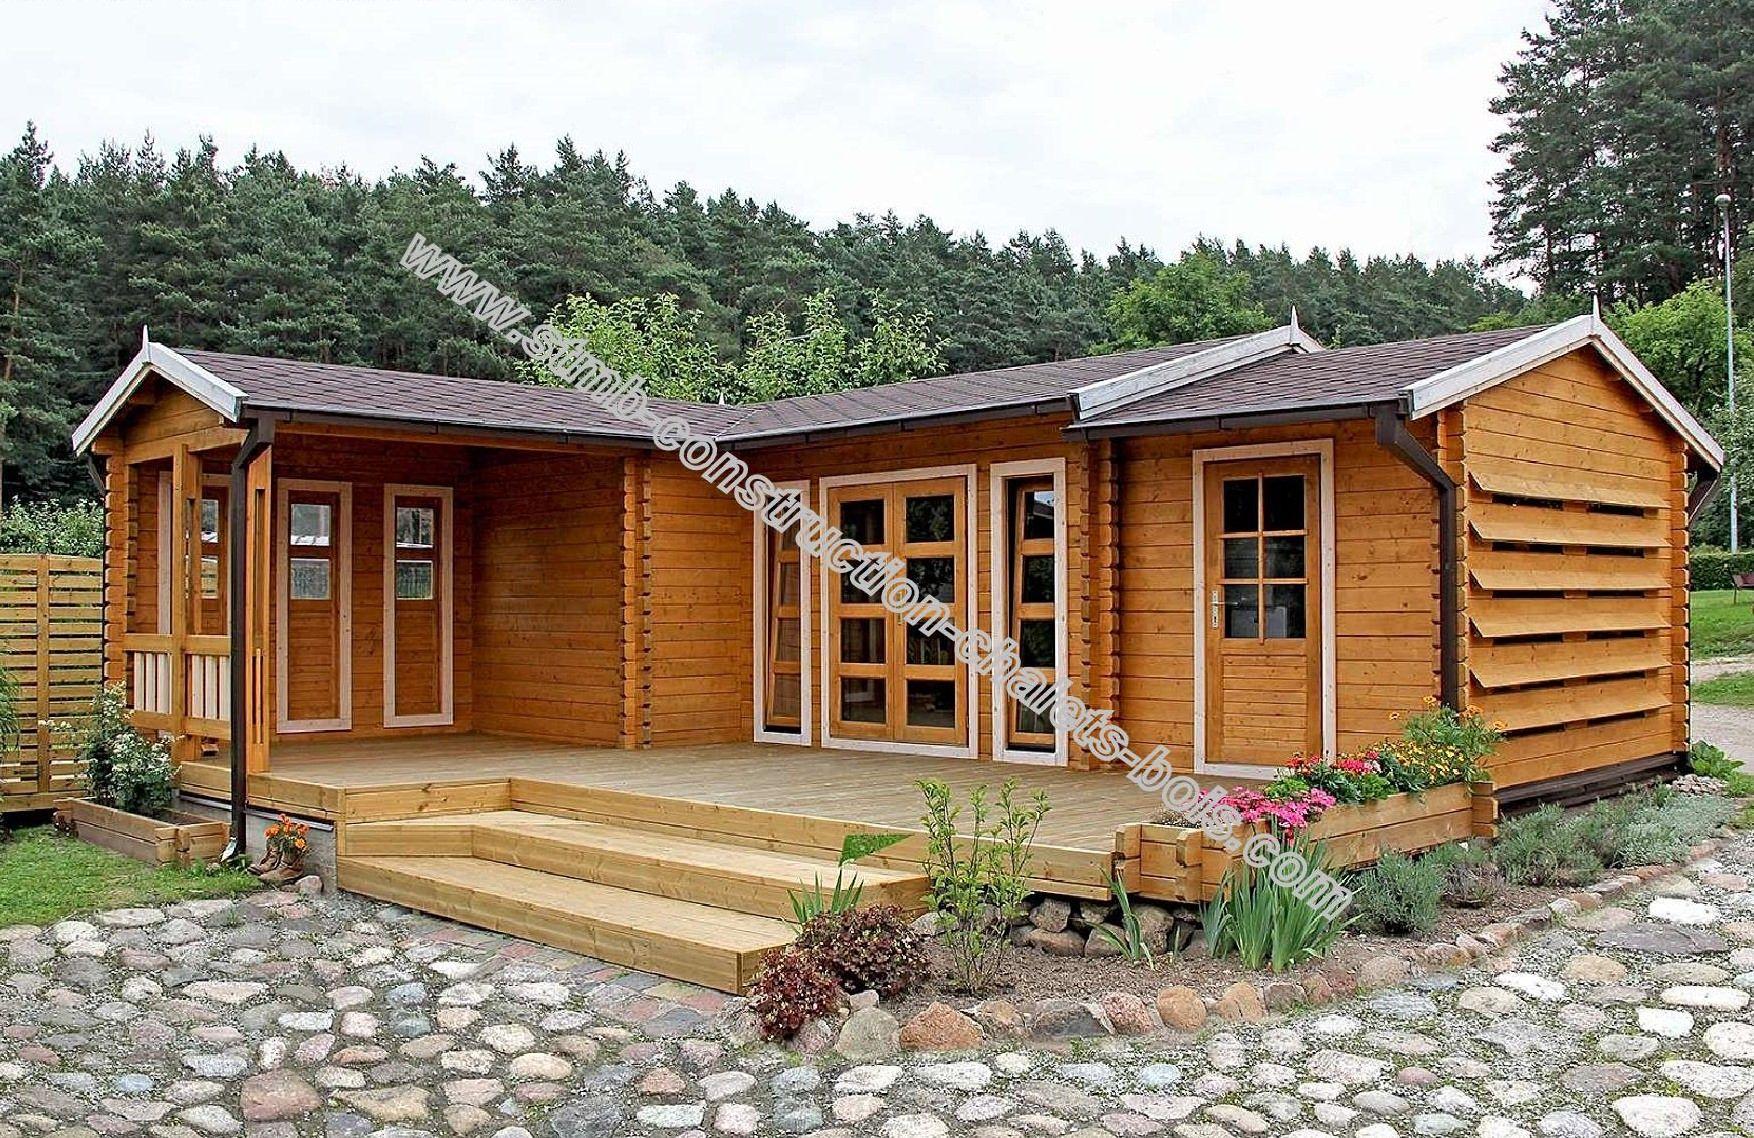 75 Impressionnant Image De Chalet Habitable 40M2   Chalet En ... avec Chalet De Jardin En Bois Habitable